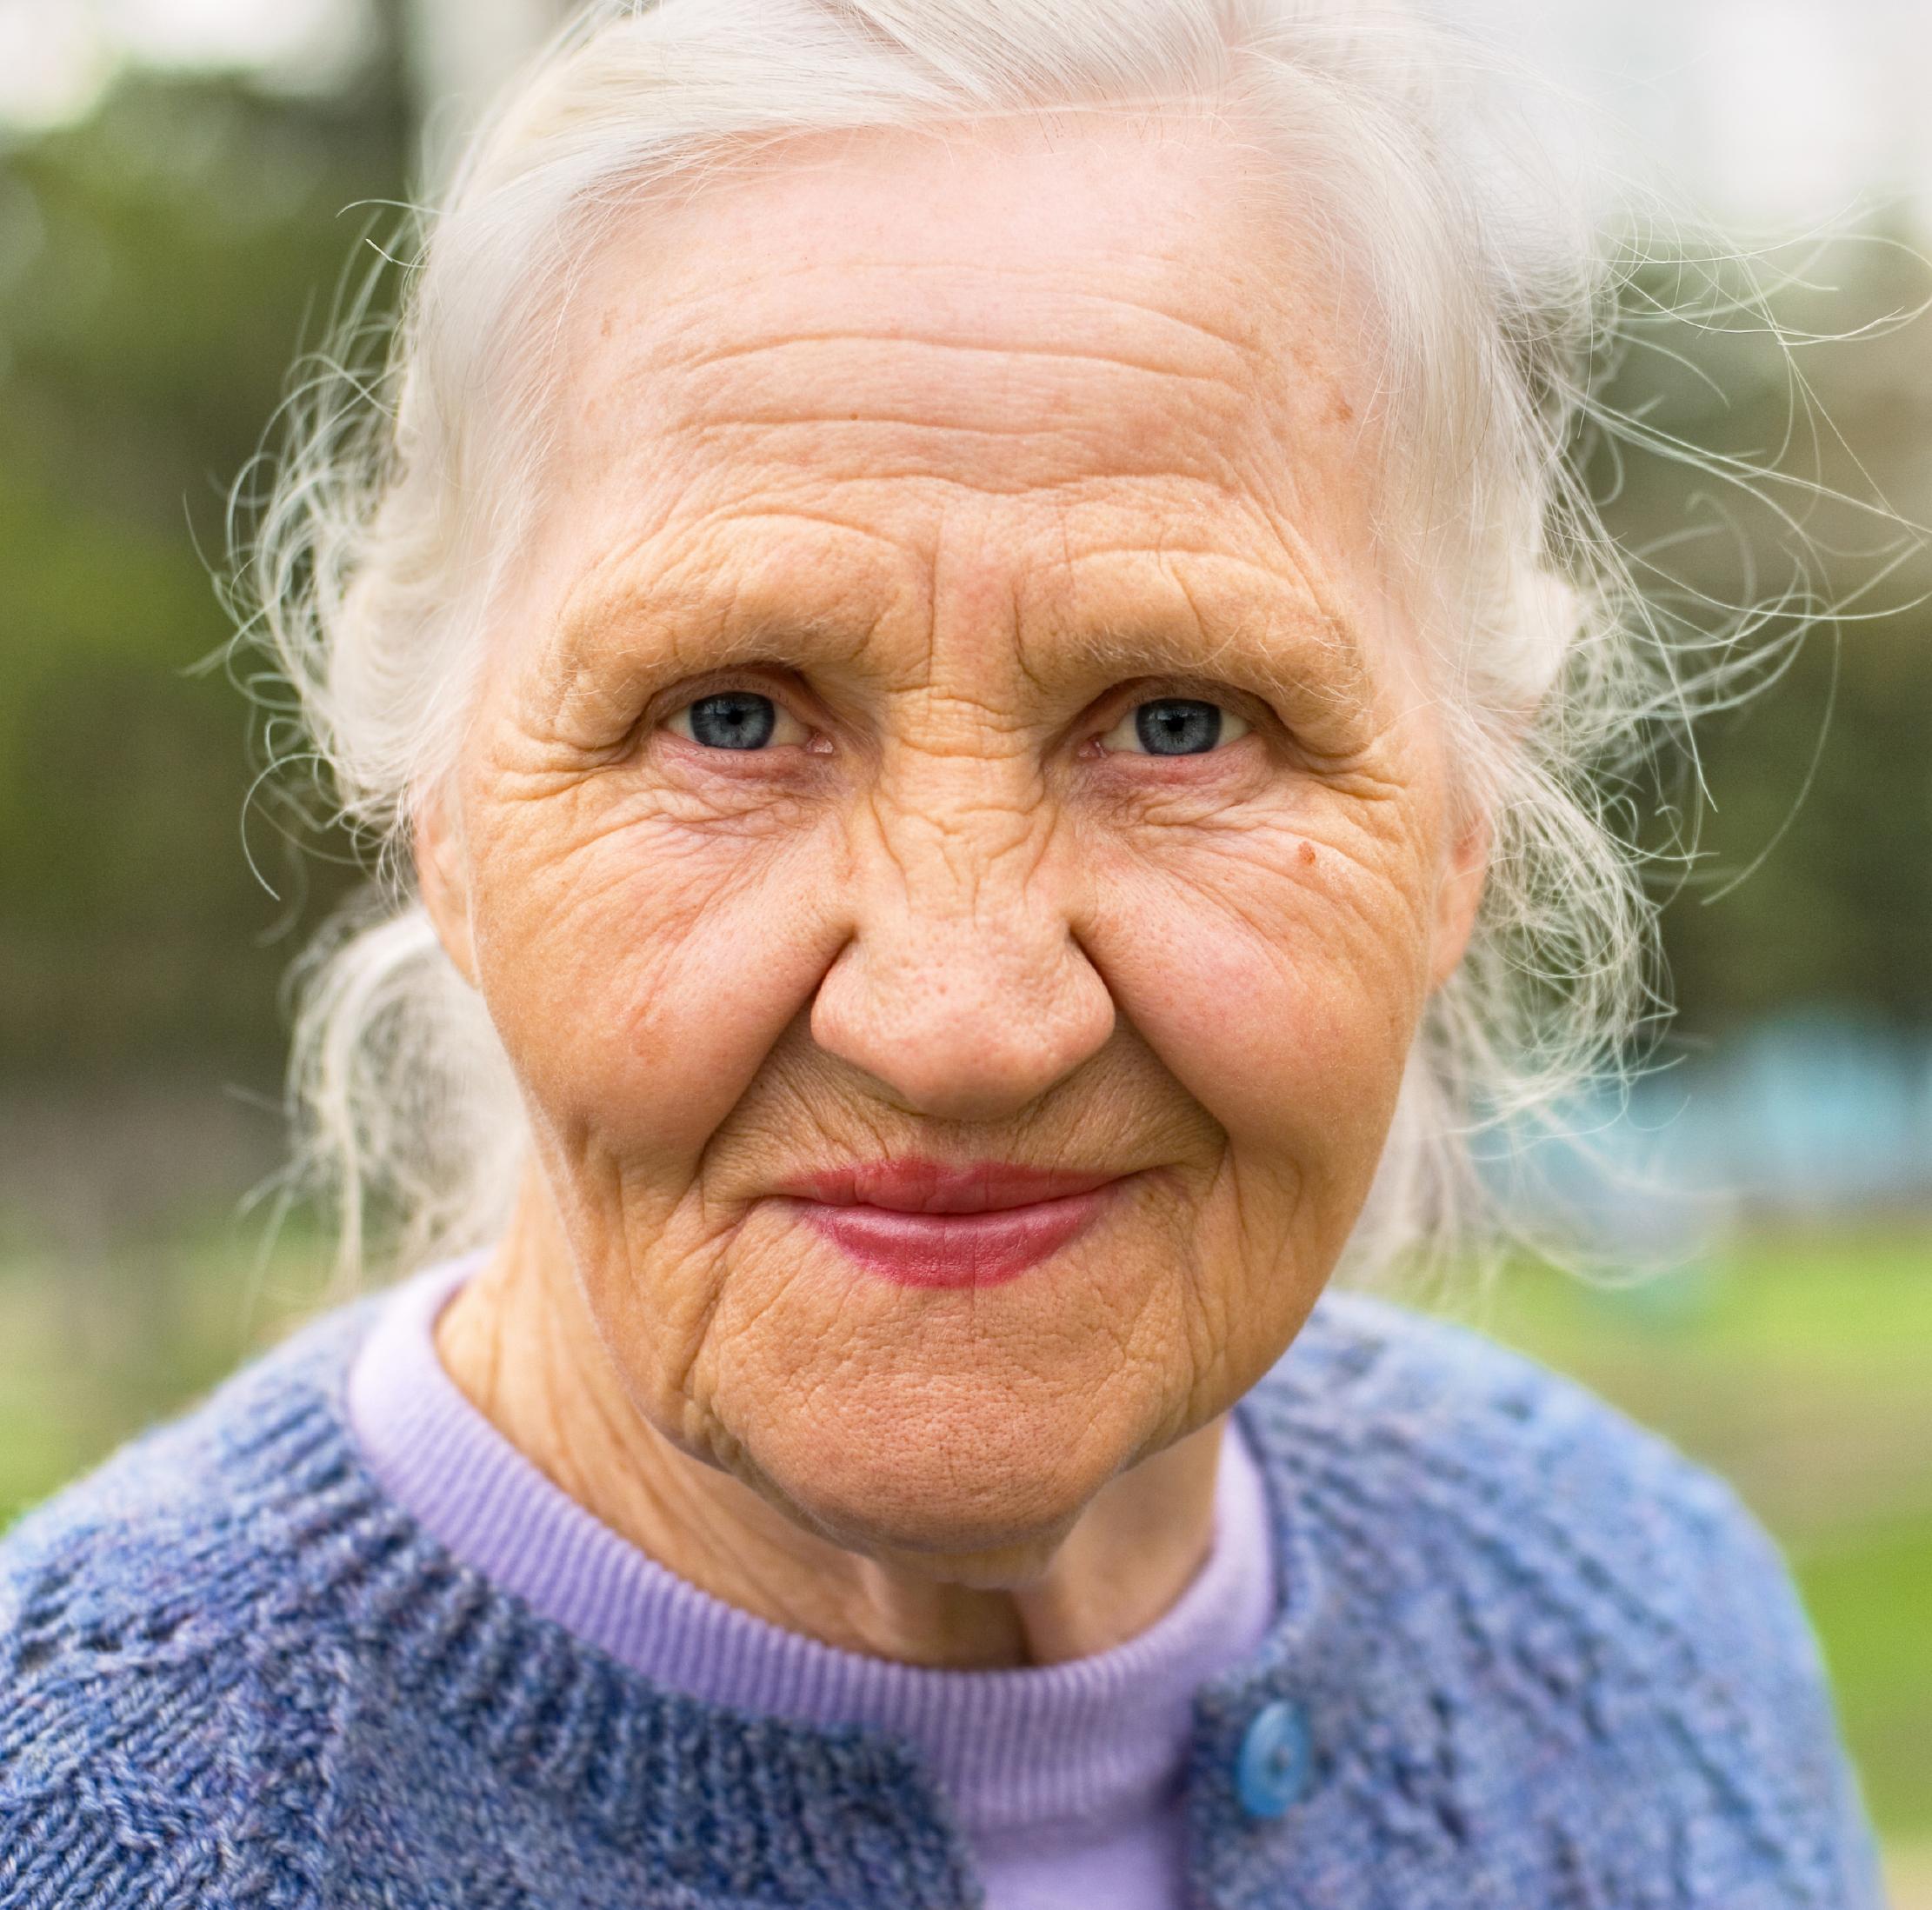 Зрелые женщины бесплатно бабушки одно